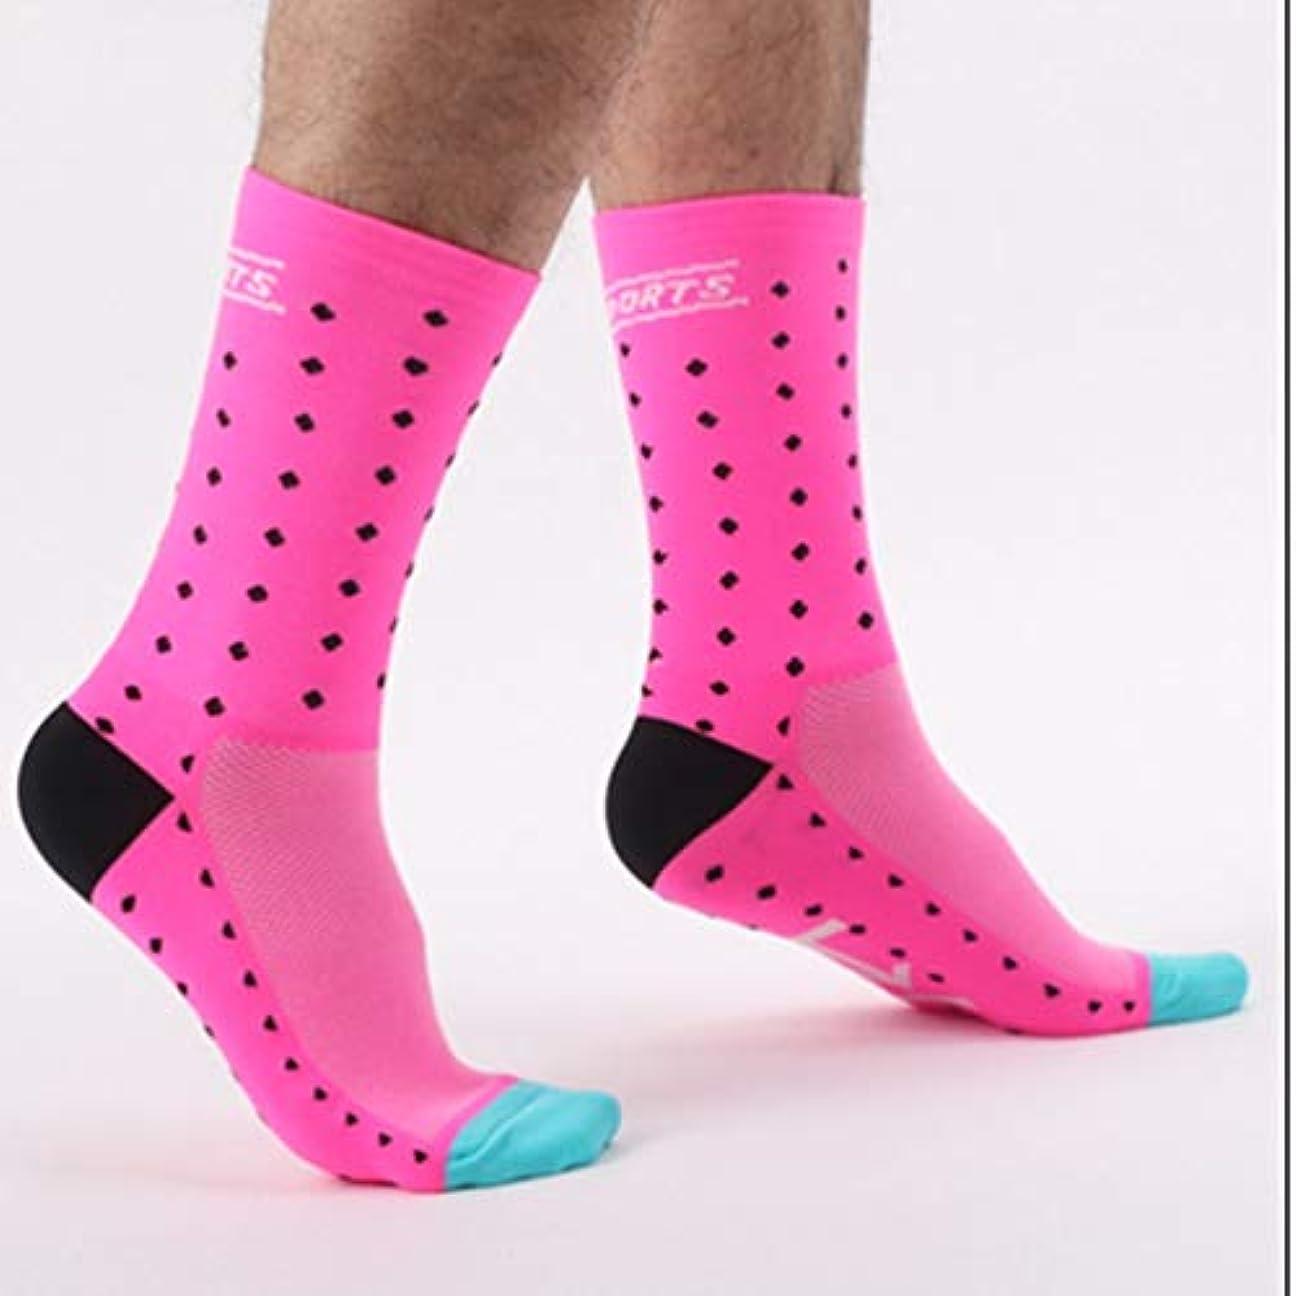 急勾配の技術懐疑論DH04快適なファッショナブルな屋外サイクリングソックス男性女性プロの通気性スポーツソックスバスケットボールソックス - ピンク